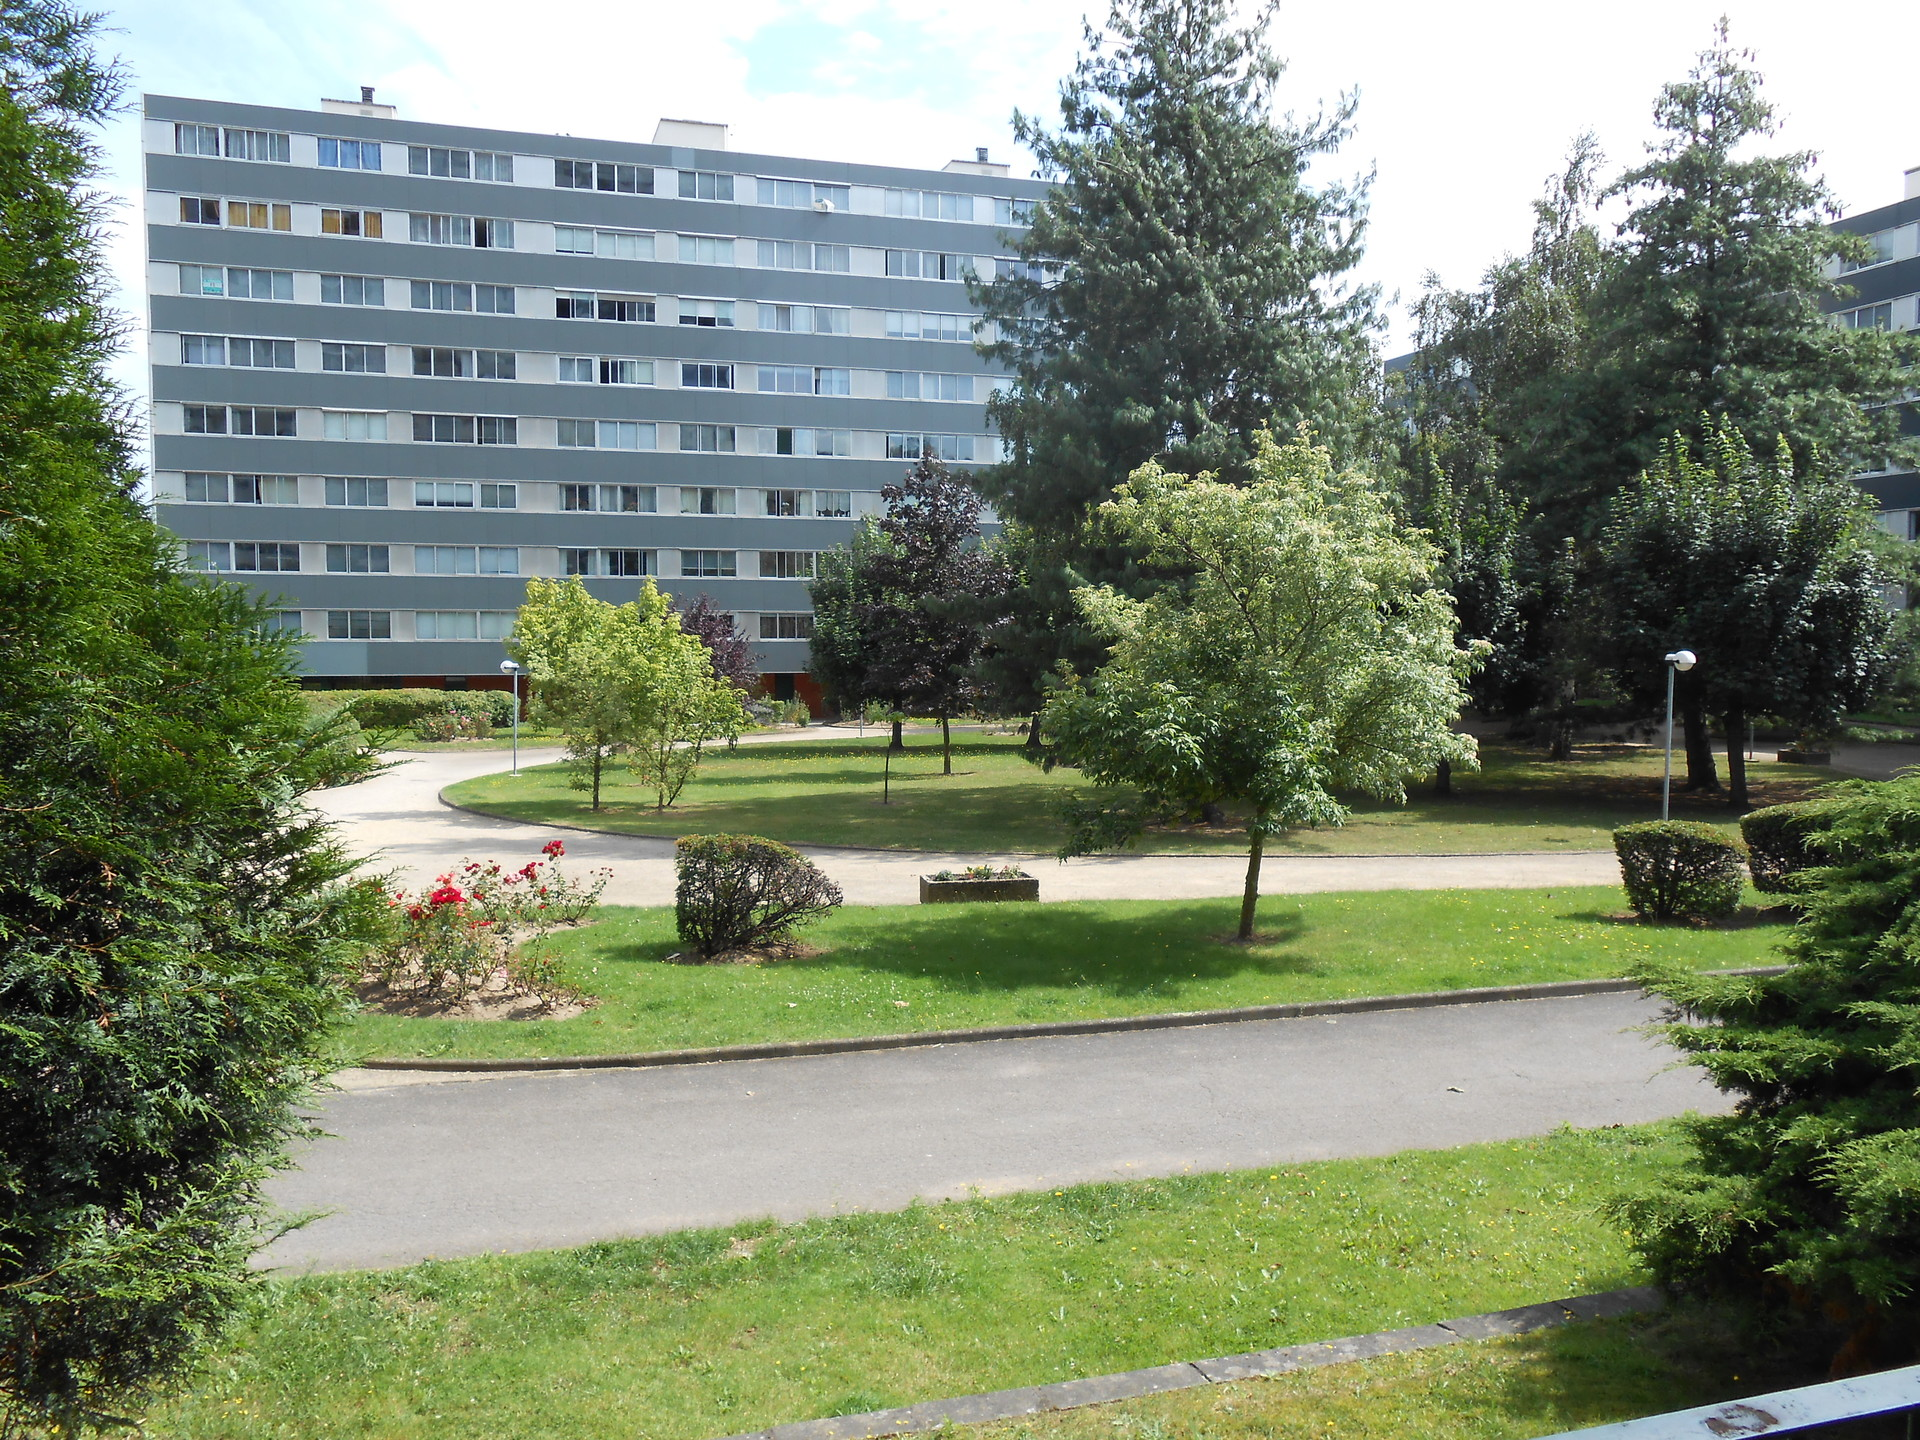 Appartement 71 m² deux chambres + salon cuisine américaine